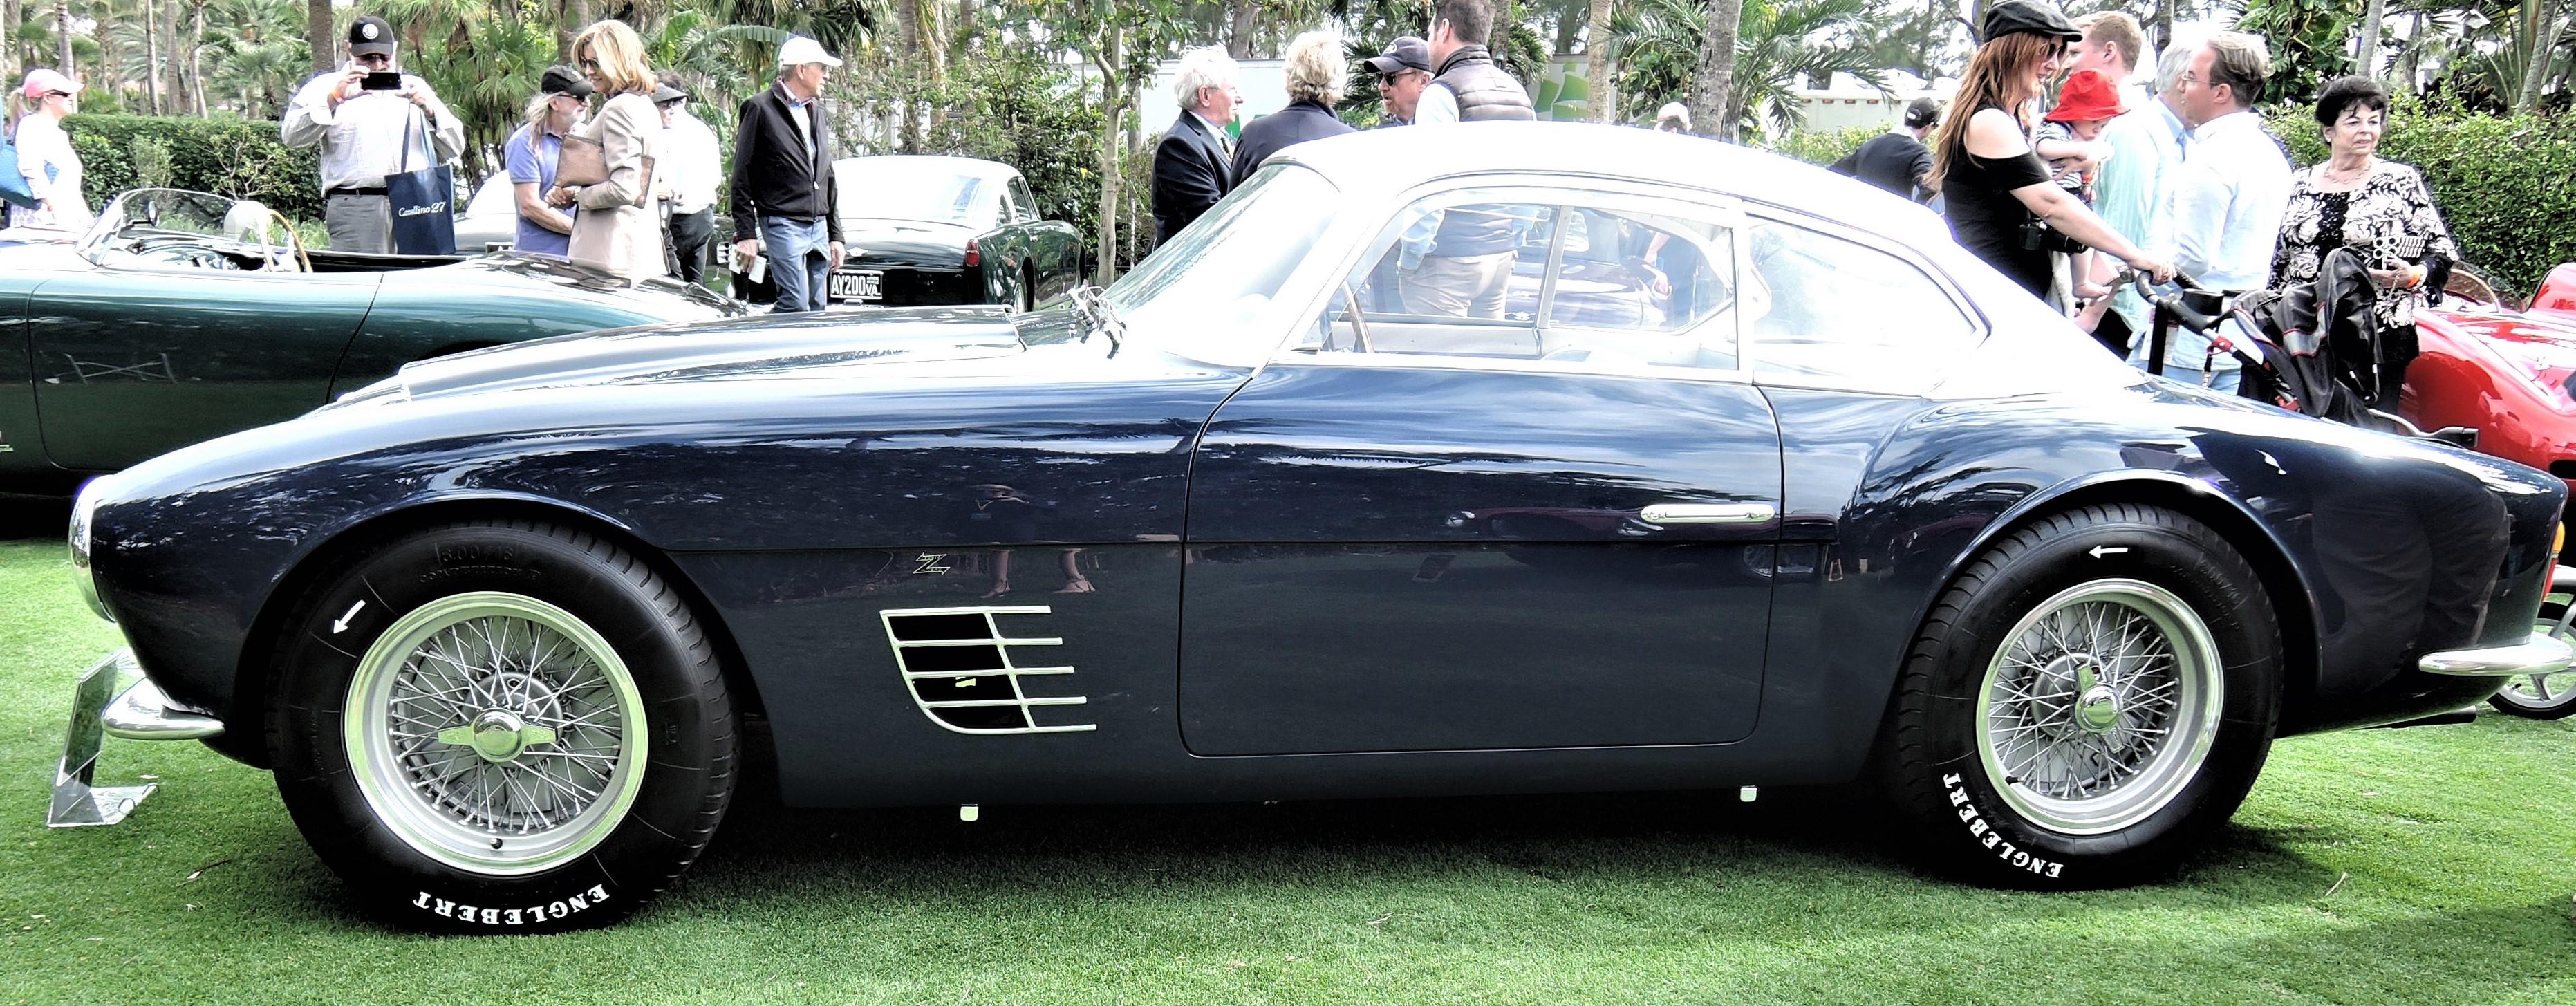 blue 1956 Ferrari 250 GT Zagato; Sn 0515 GT - Cavallino 2018 Concours